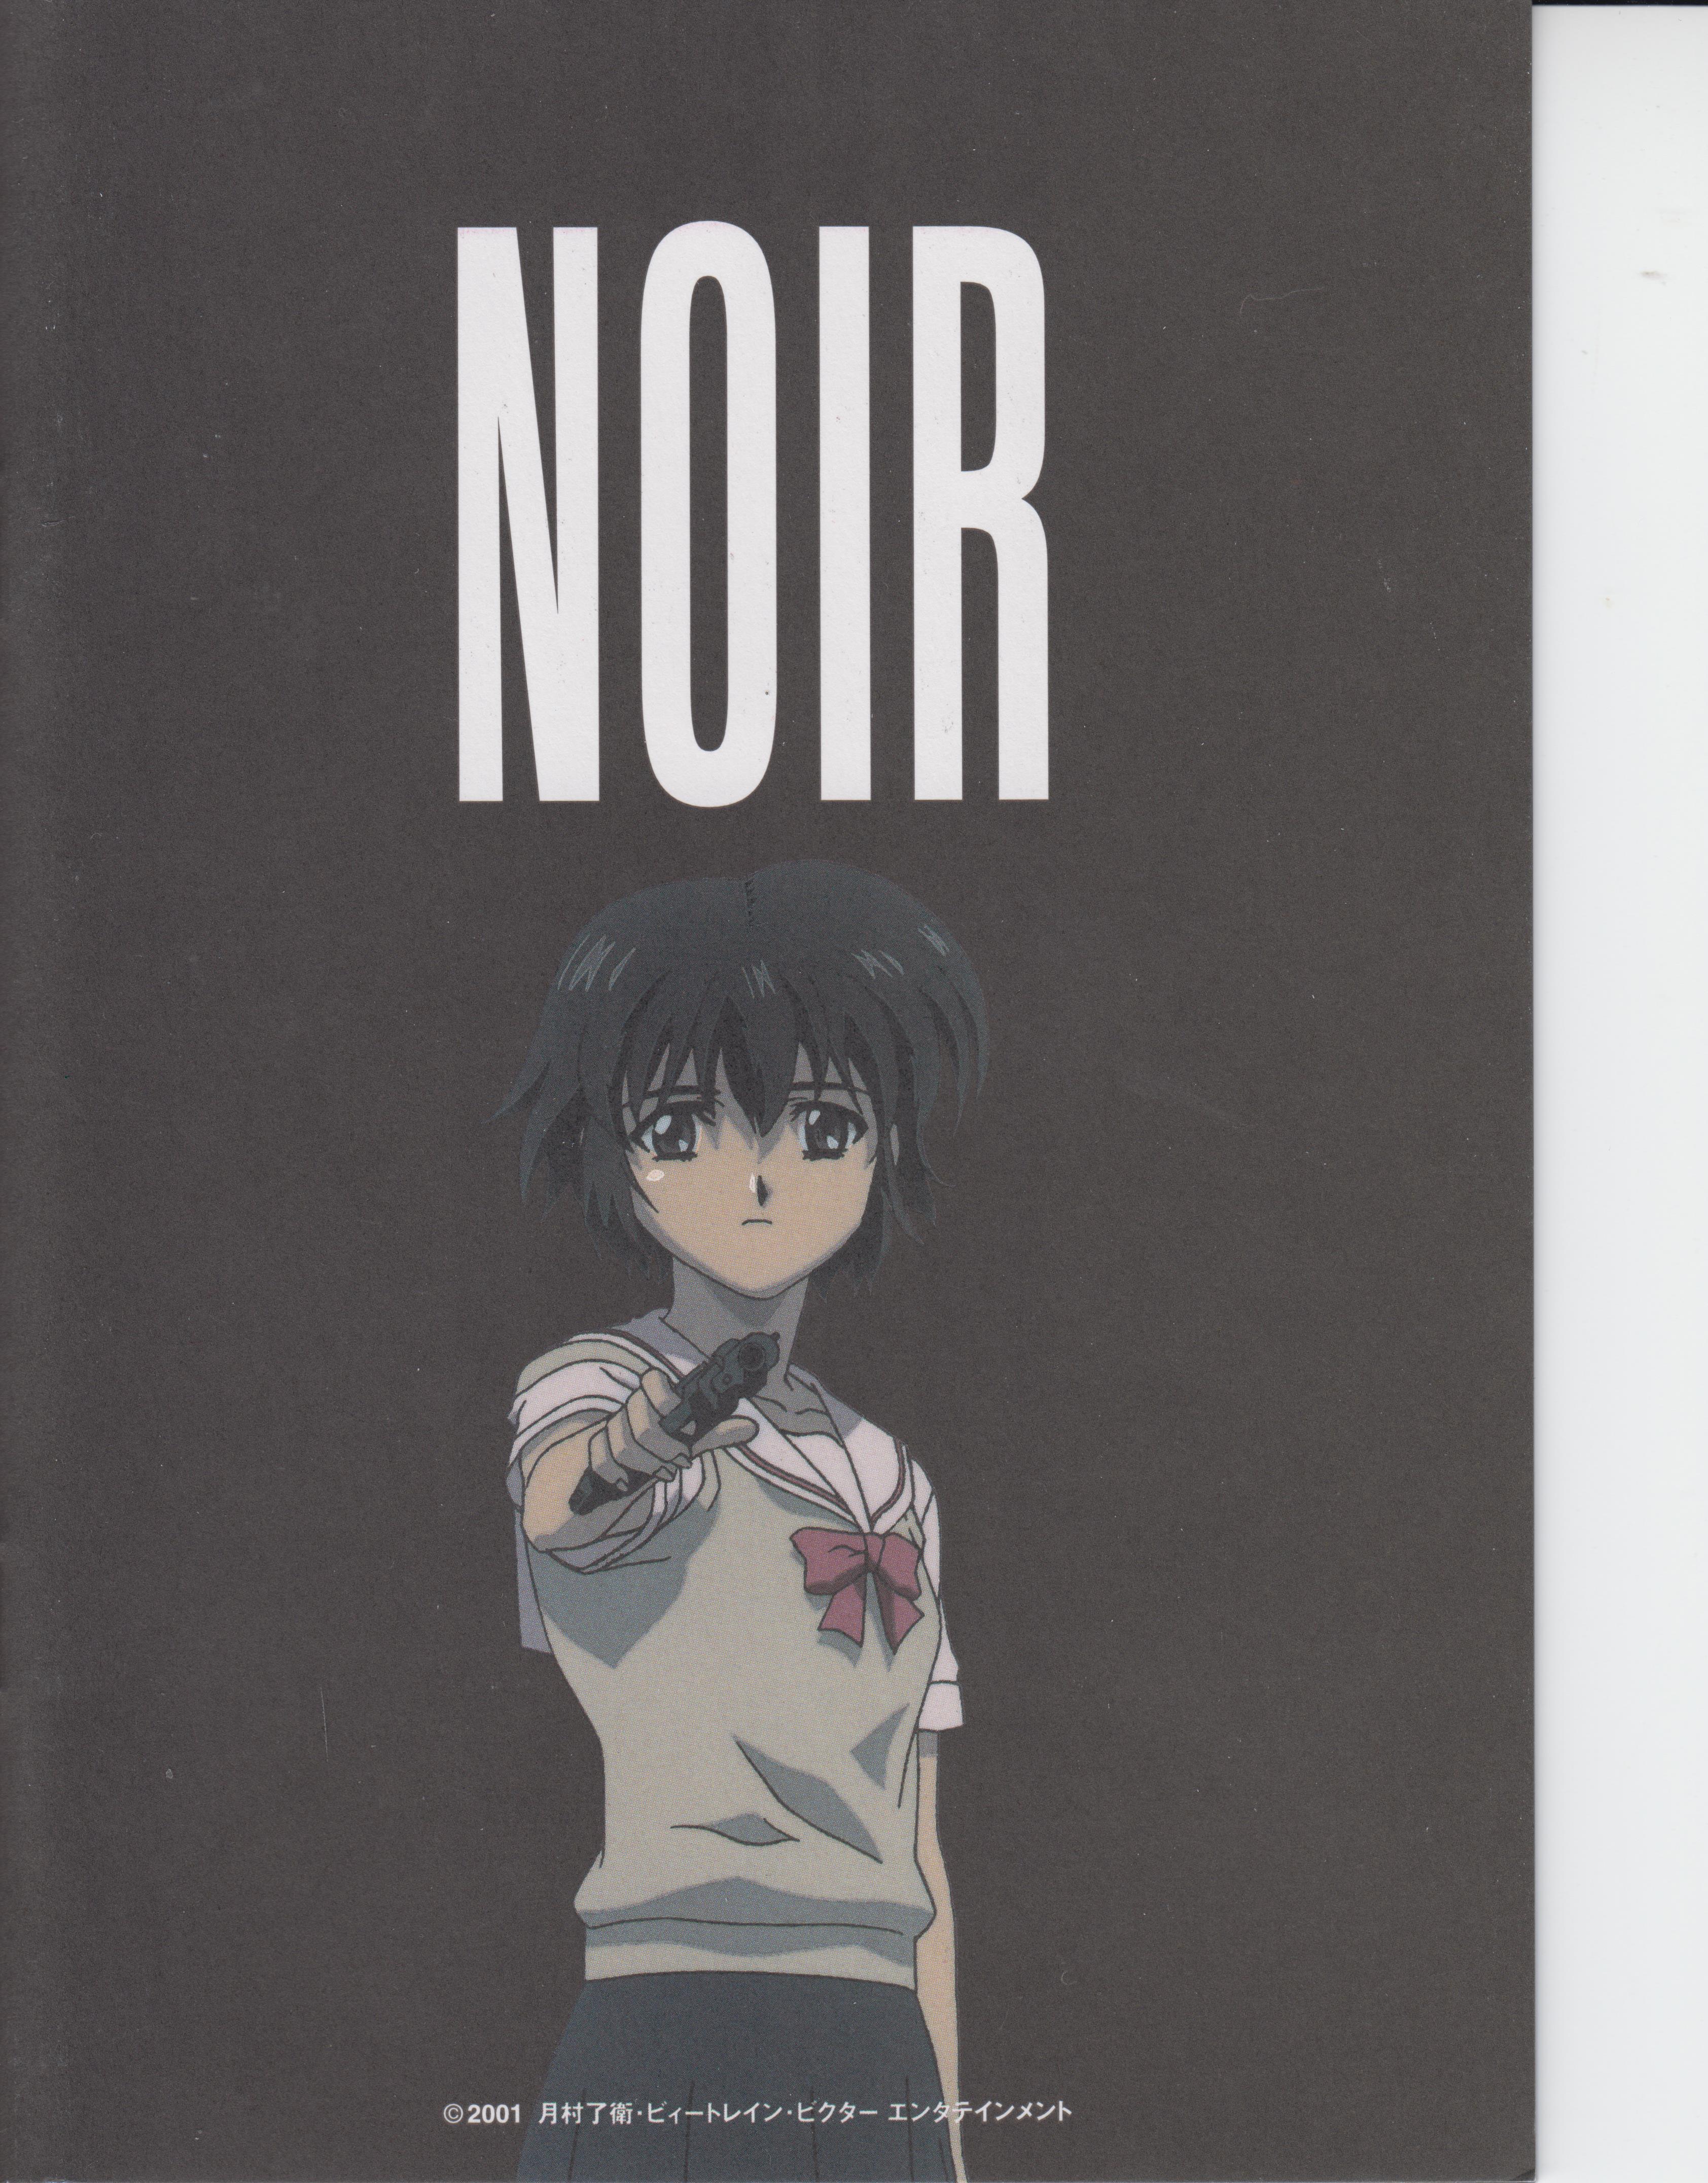 Noir-cover%20001.jpg